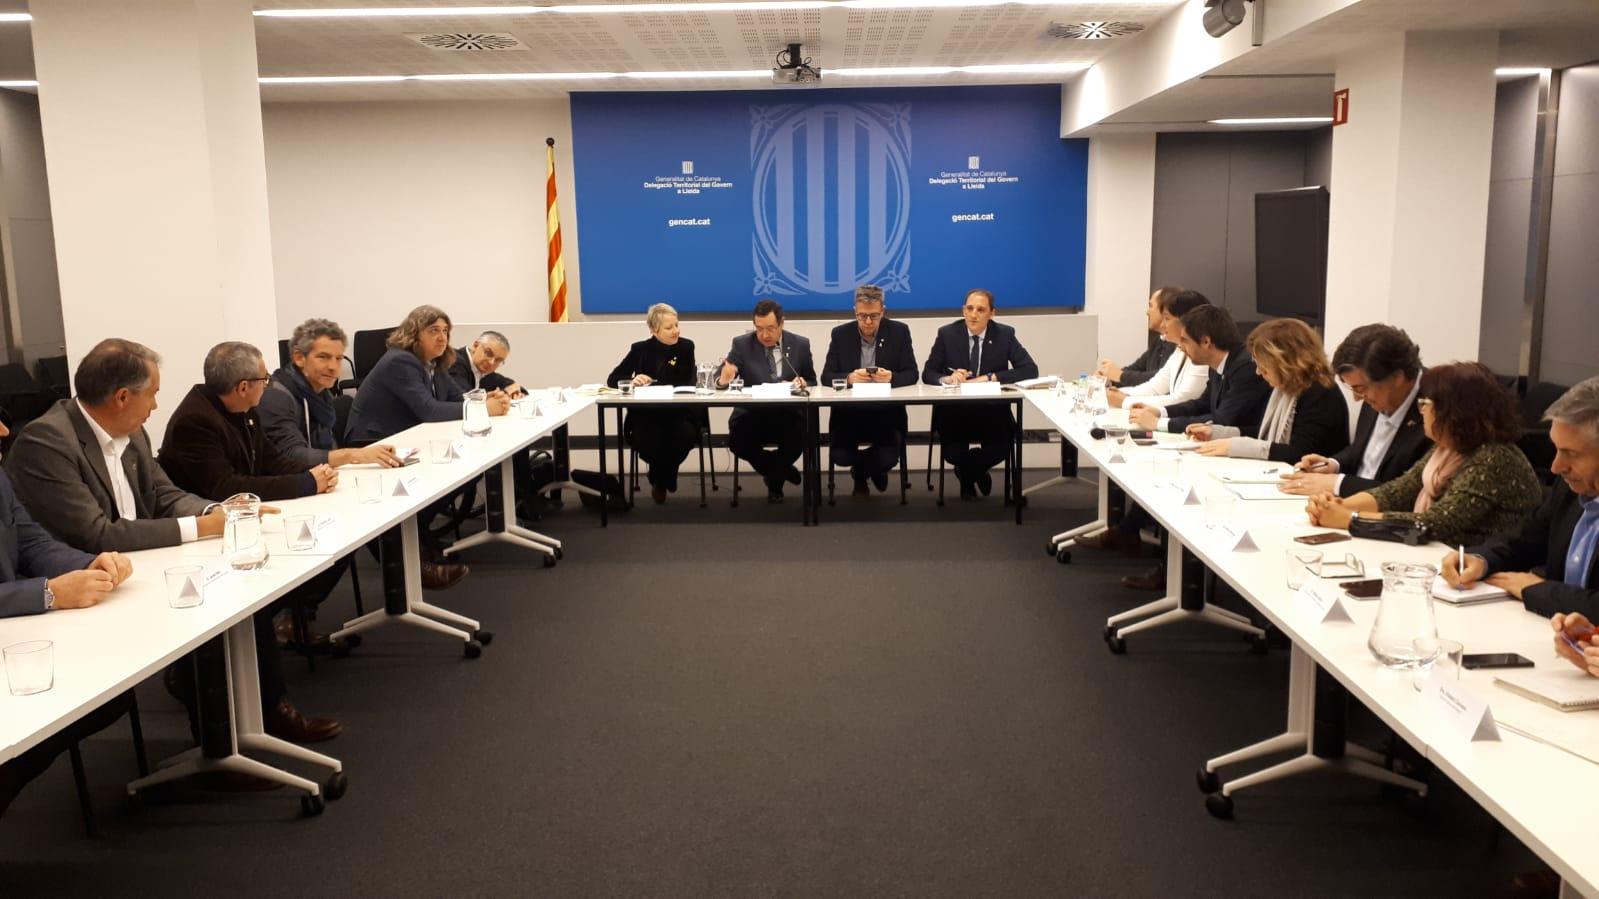 La Generalitat destina 8,8 milions d'euros a la reparació dels danys provocats pels aiguats de l'octubre passat a Lleida